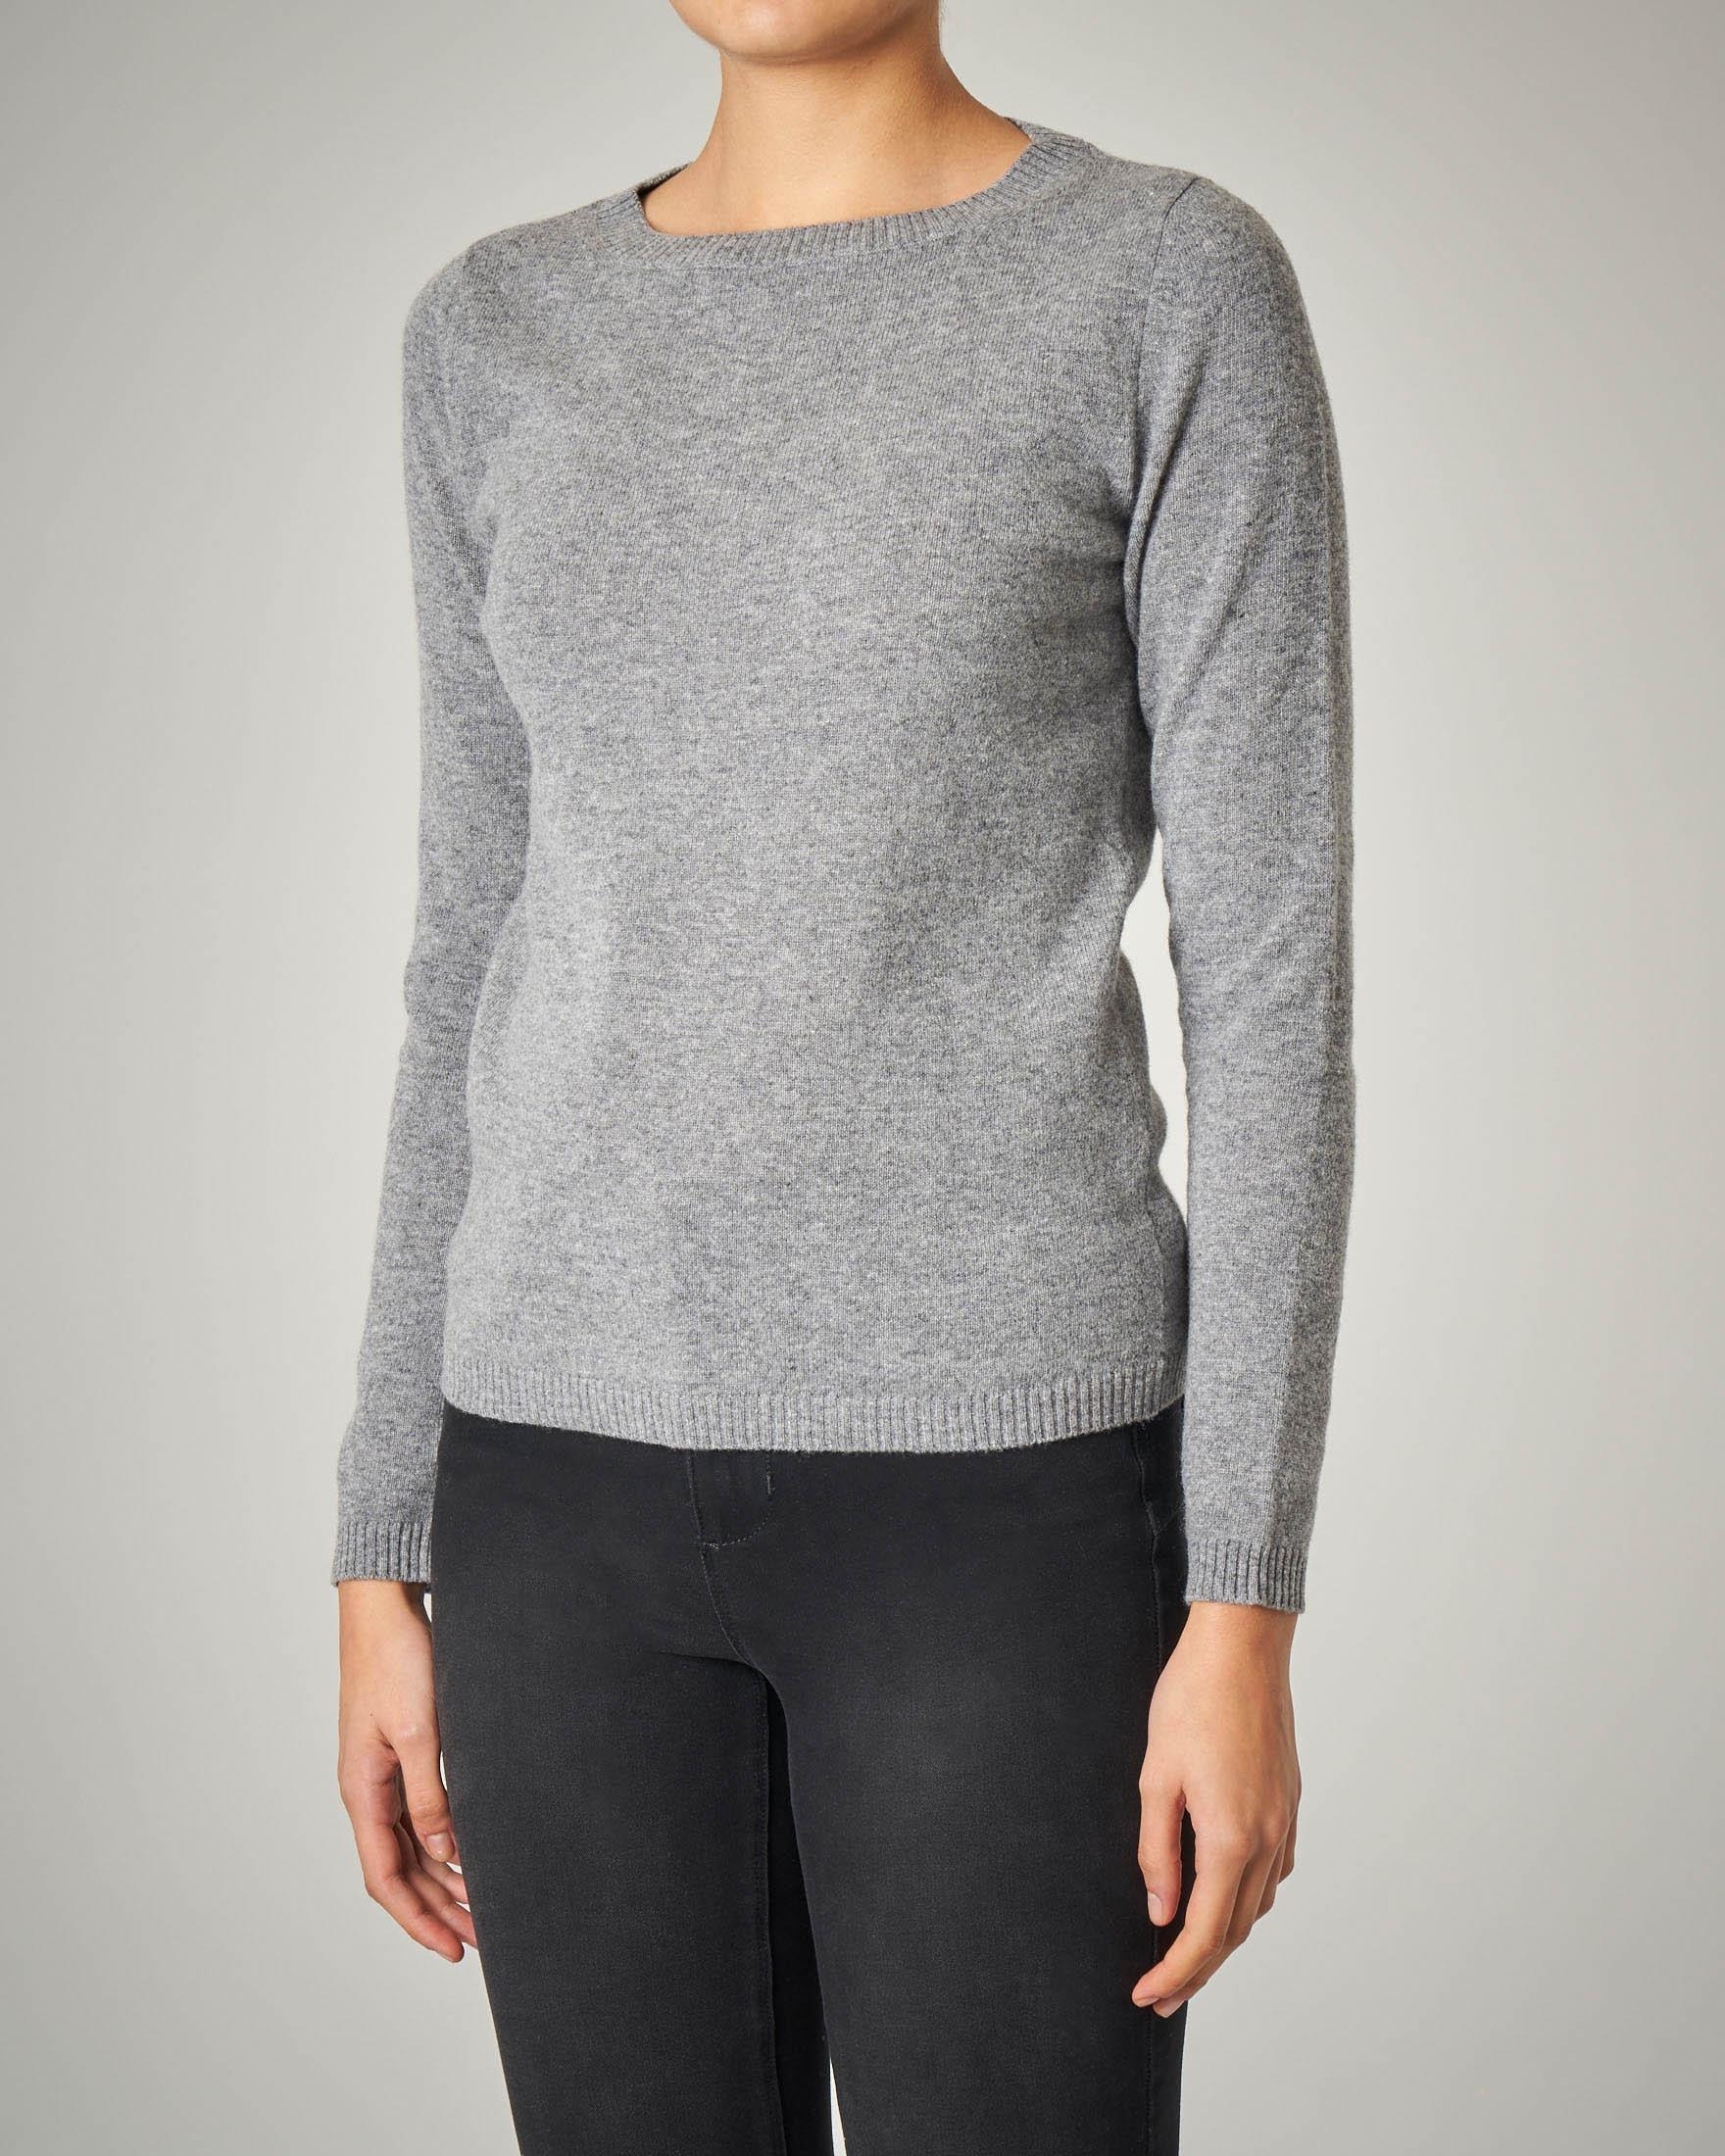 Maglia grigia girocollo in lana vergine